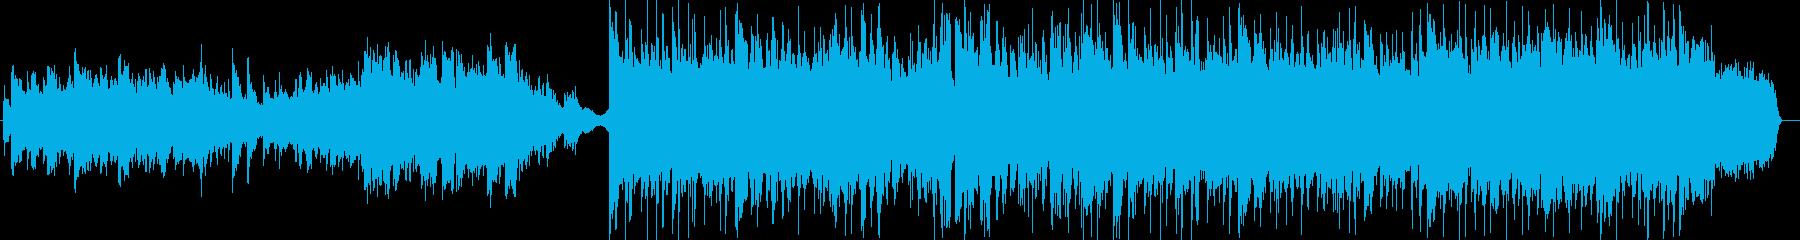 感動・盛り上げ系ピアノ曲の再生済みの波形